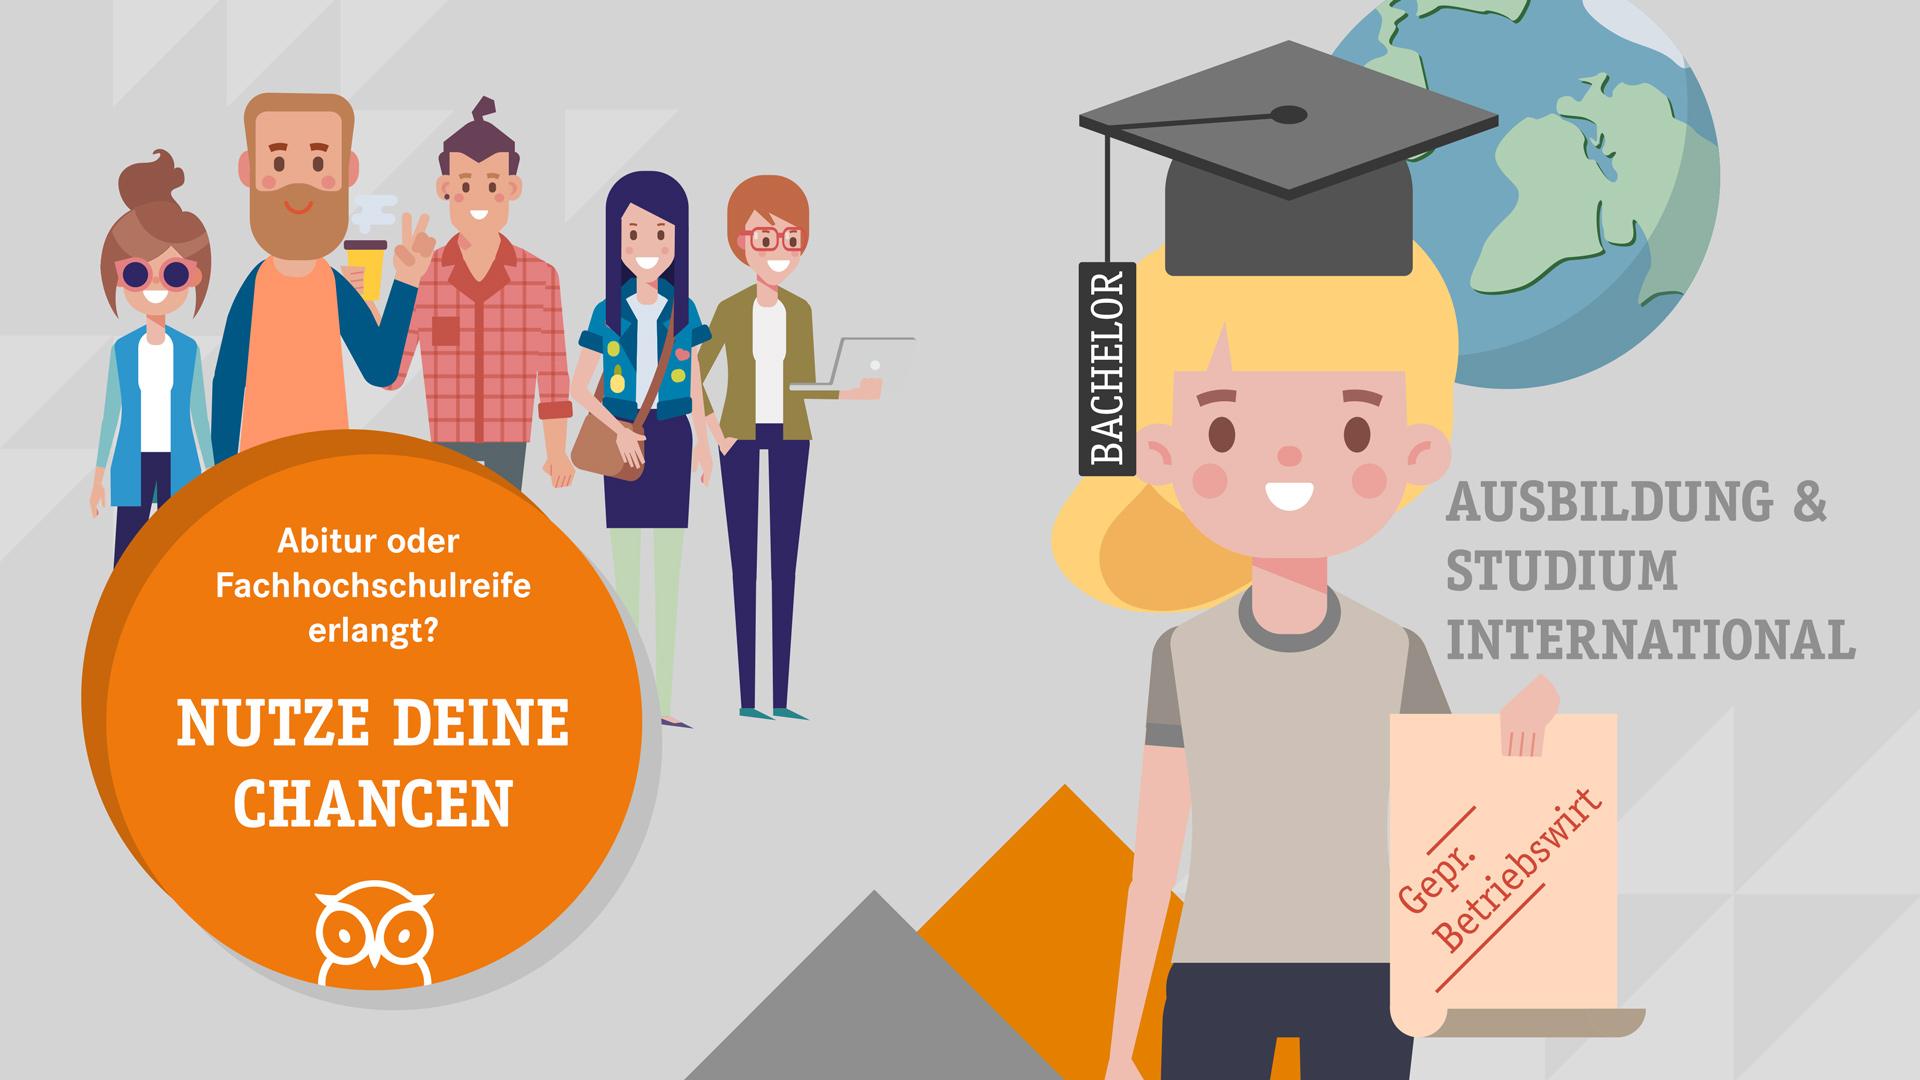 Vorschaubild des Videos zur Dr. Buhmann Akademie für Ausbildung und Studium international